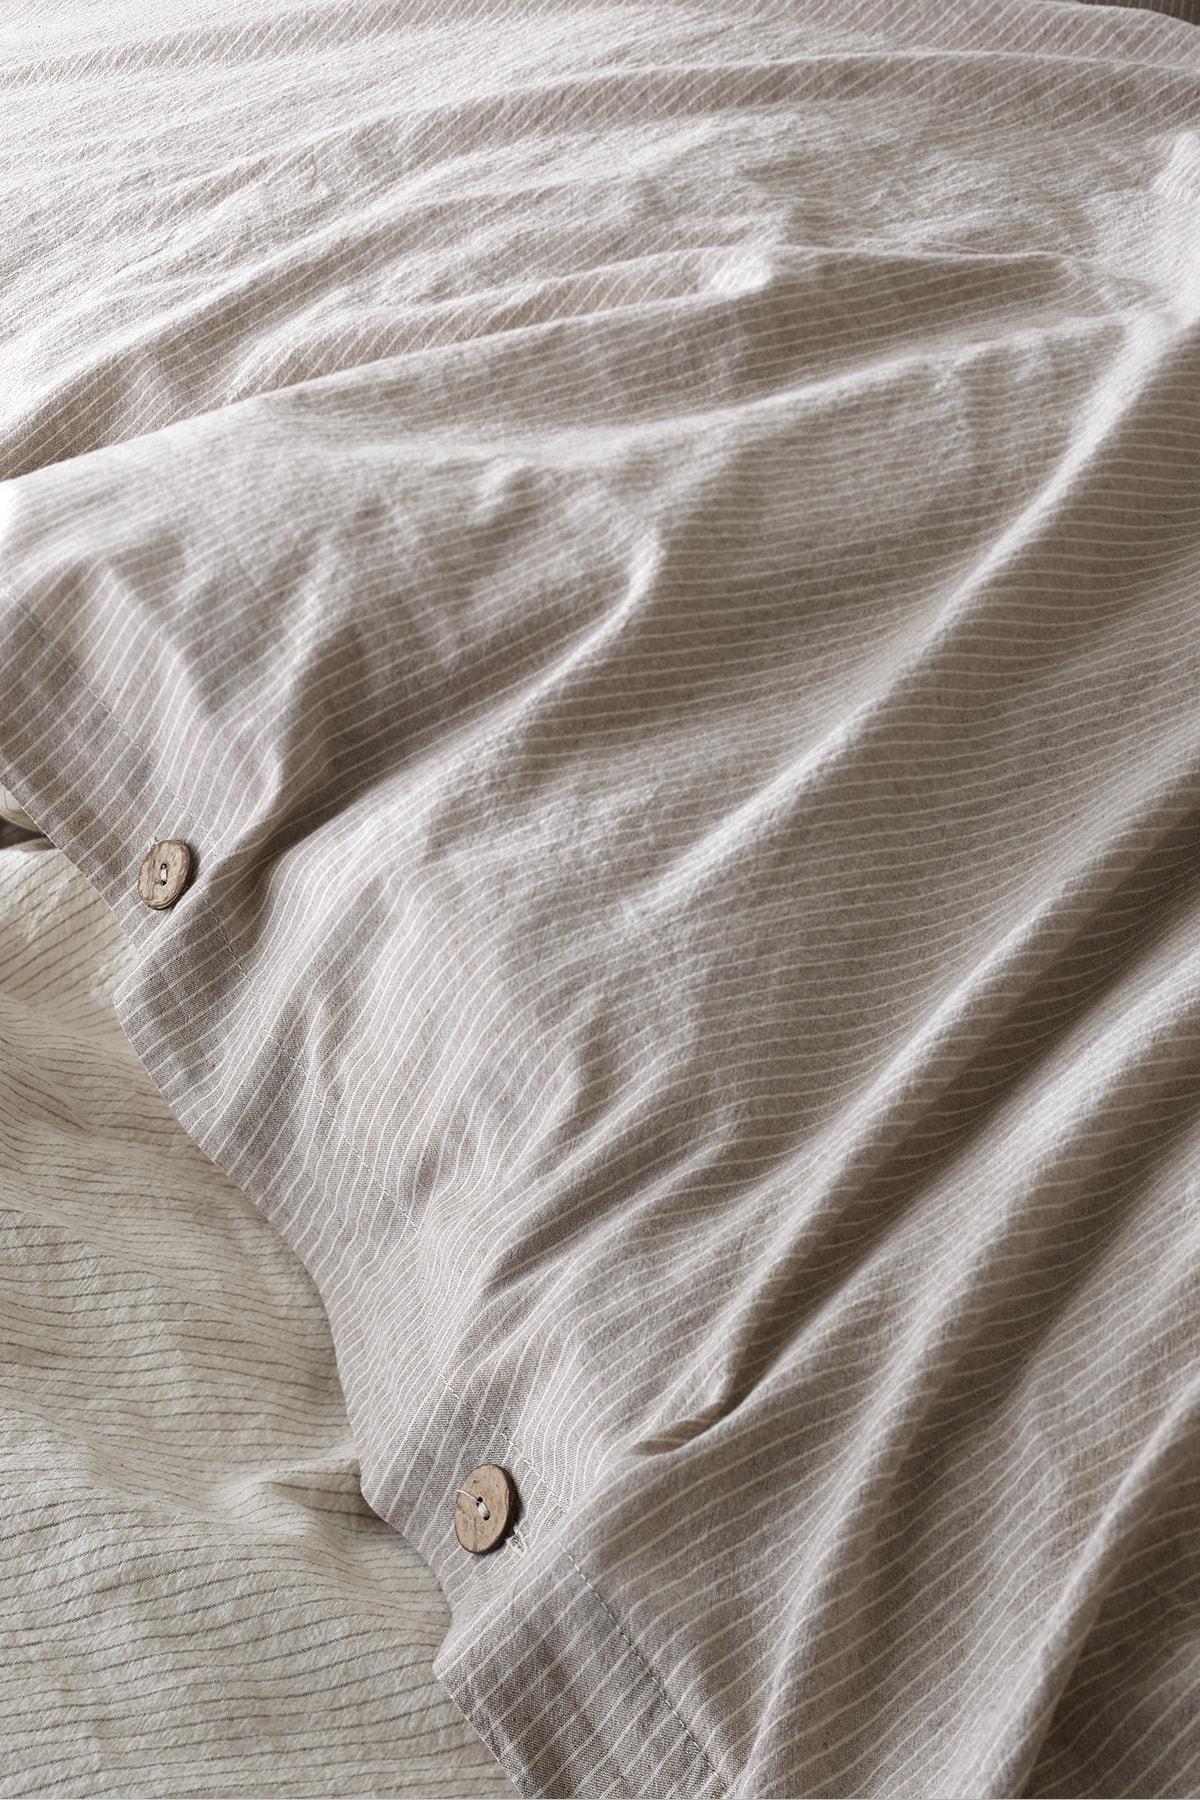 Berolige Cottage %100 Pamuklu Çift Kişilik Yıkamalı İplik Boya Çizgili Nevresim Takımı Kahverengi 2